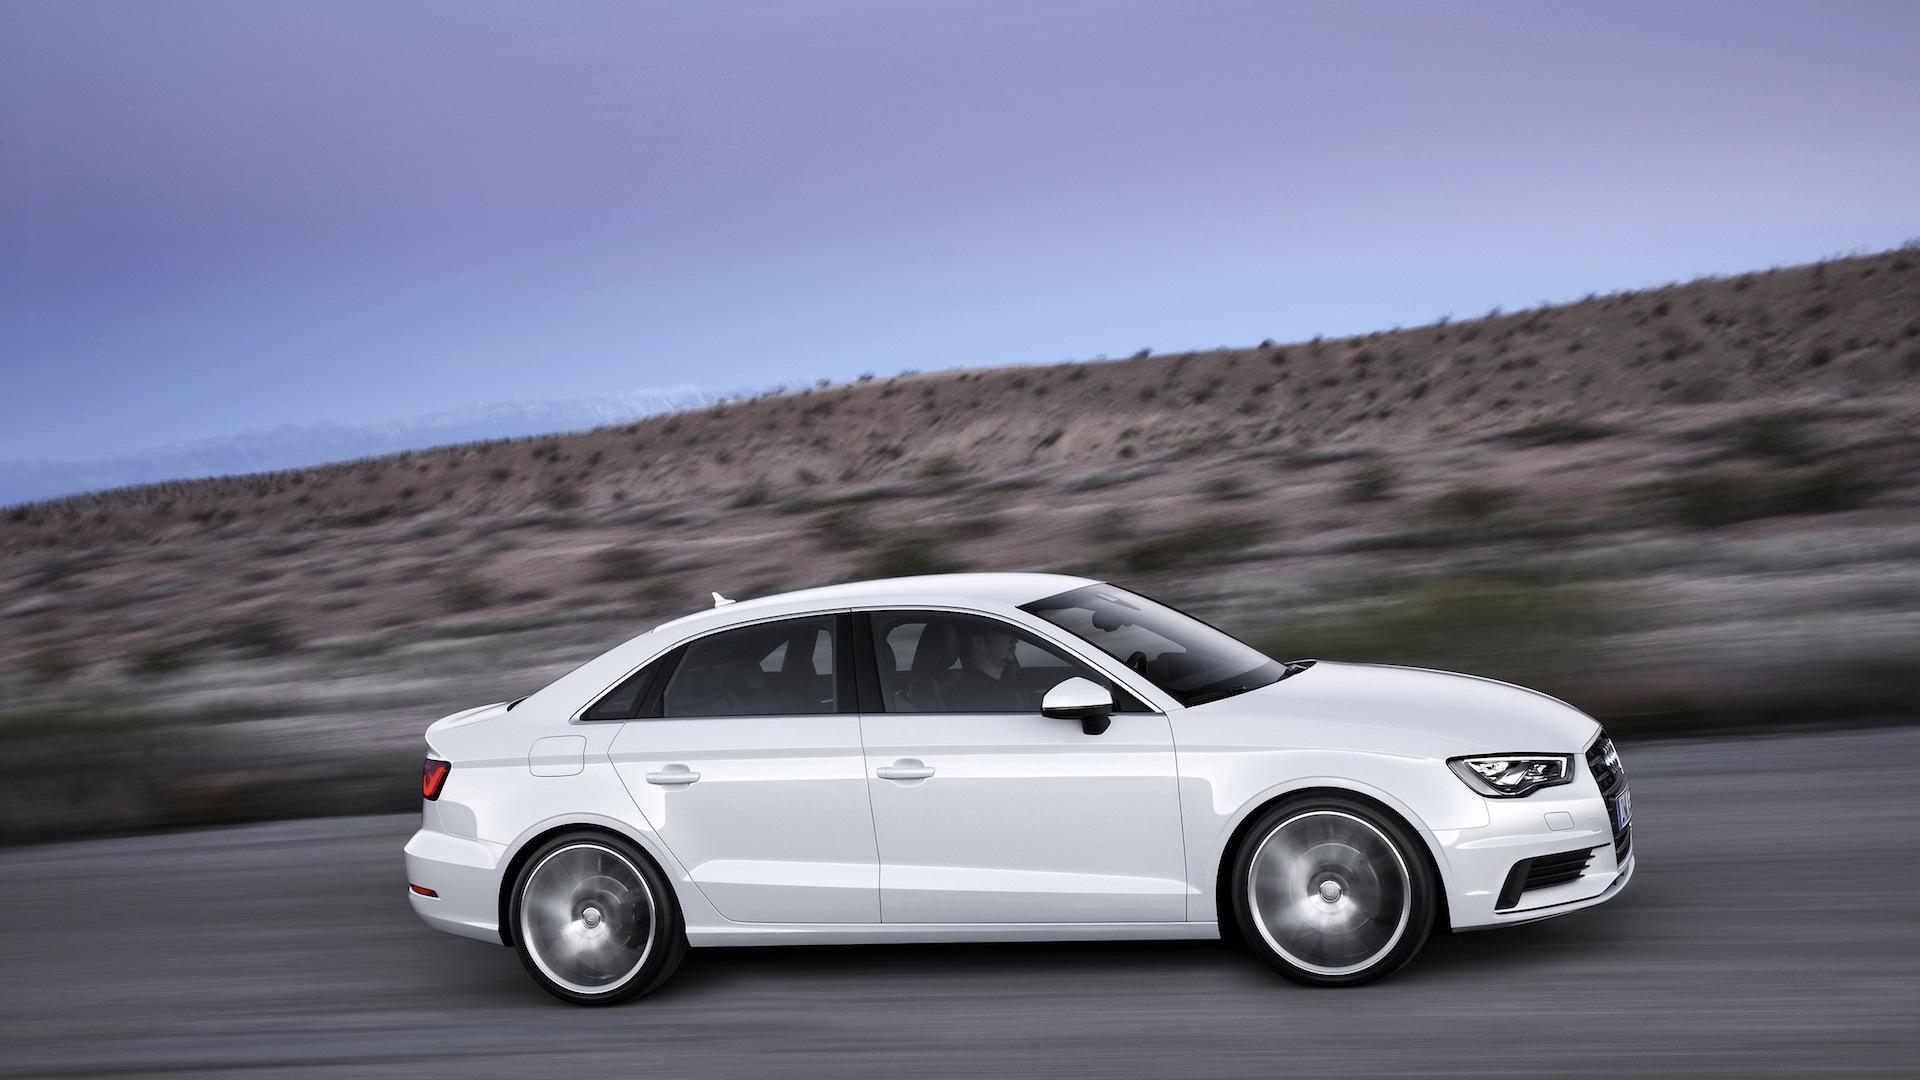 Kelebihan Kekurangan Audi S3 Sedan Harga